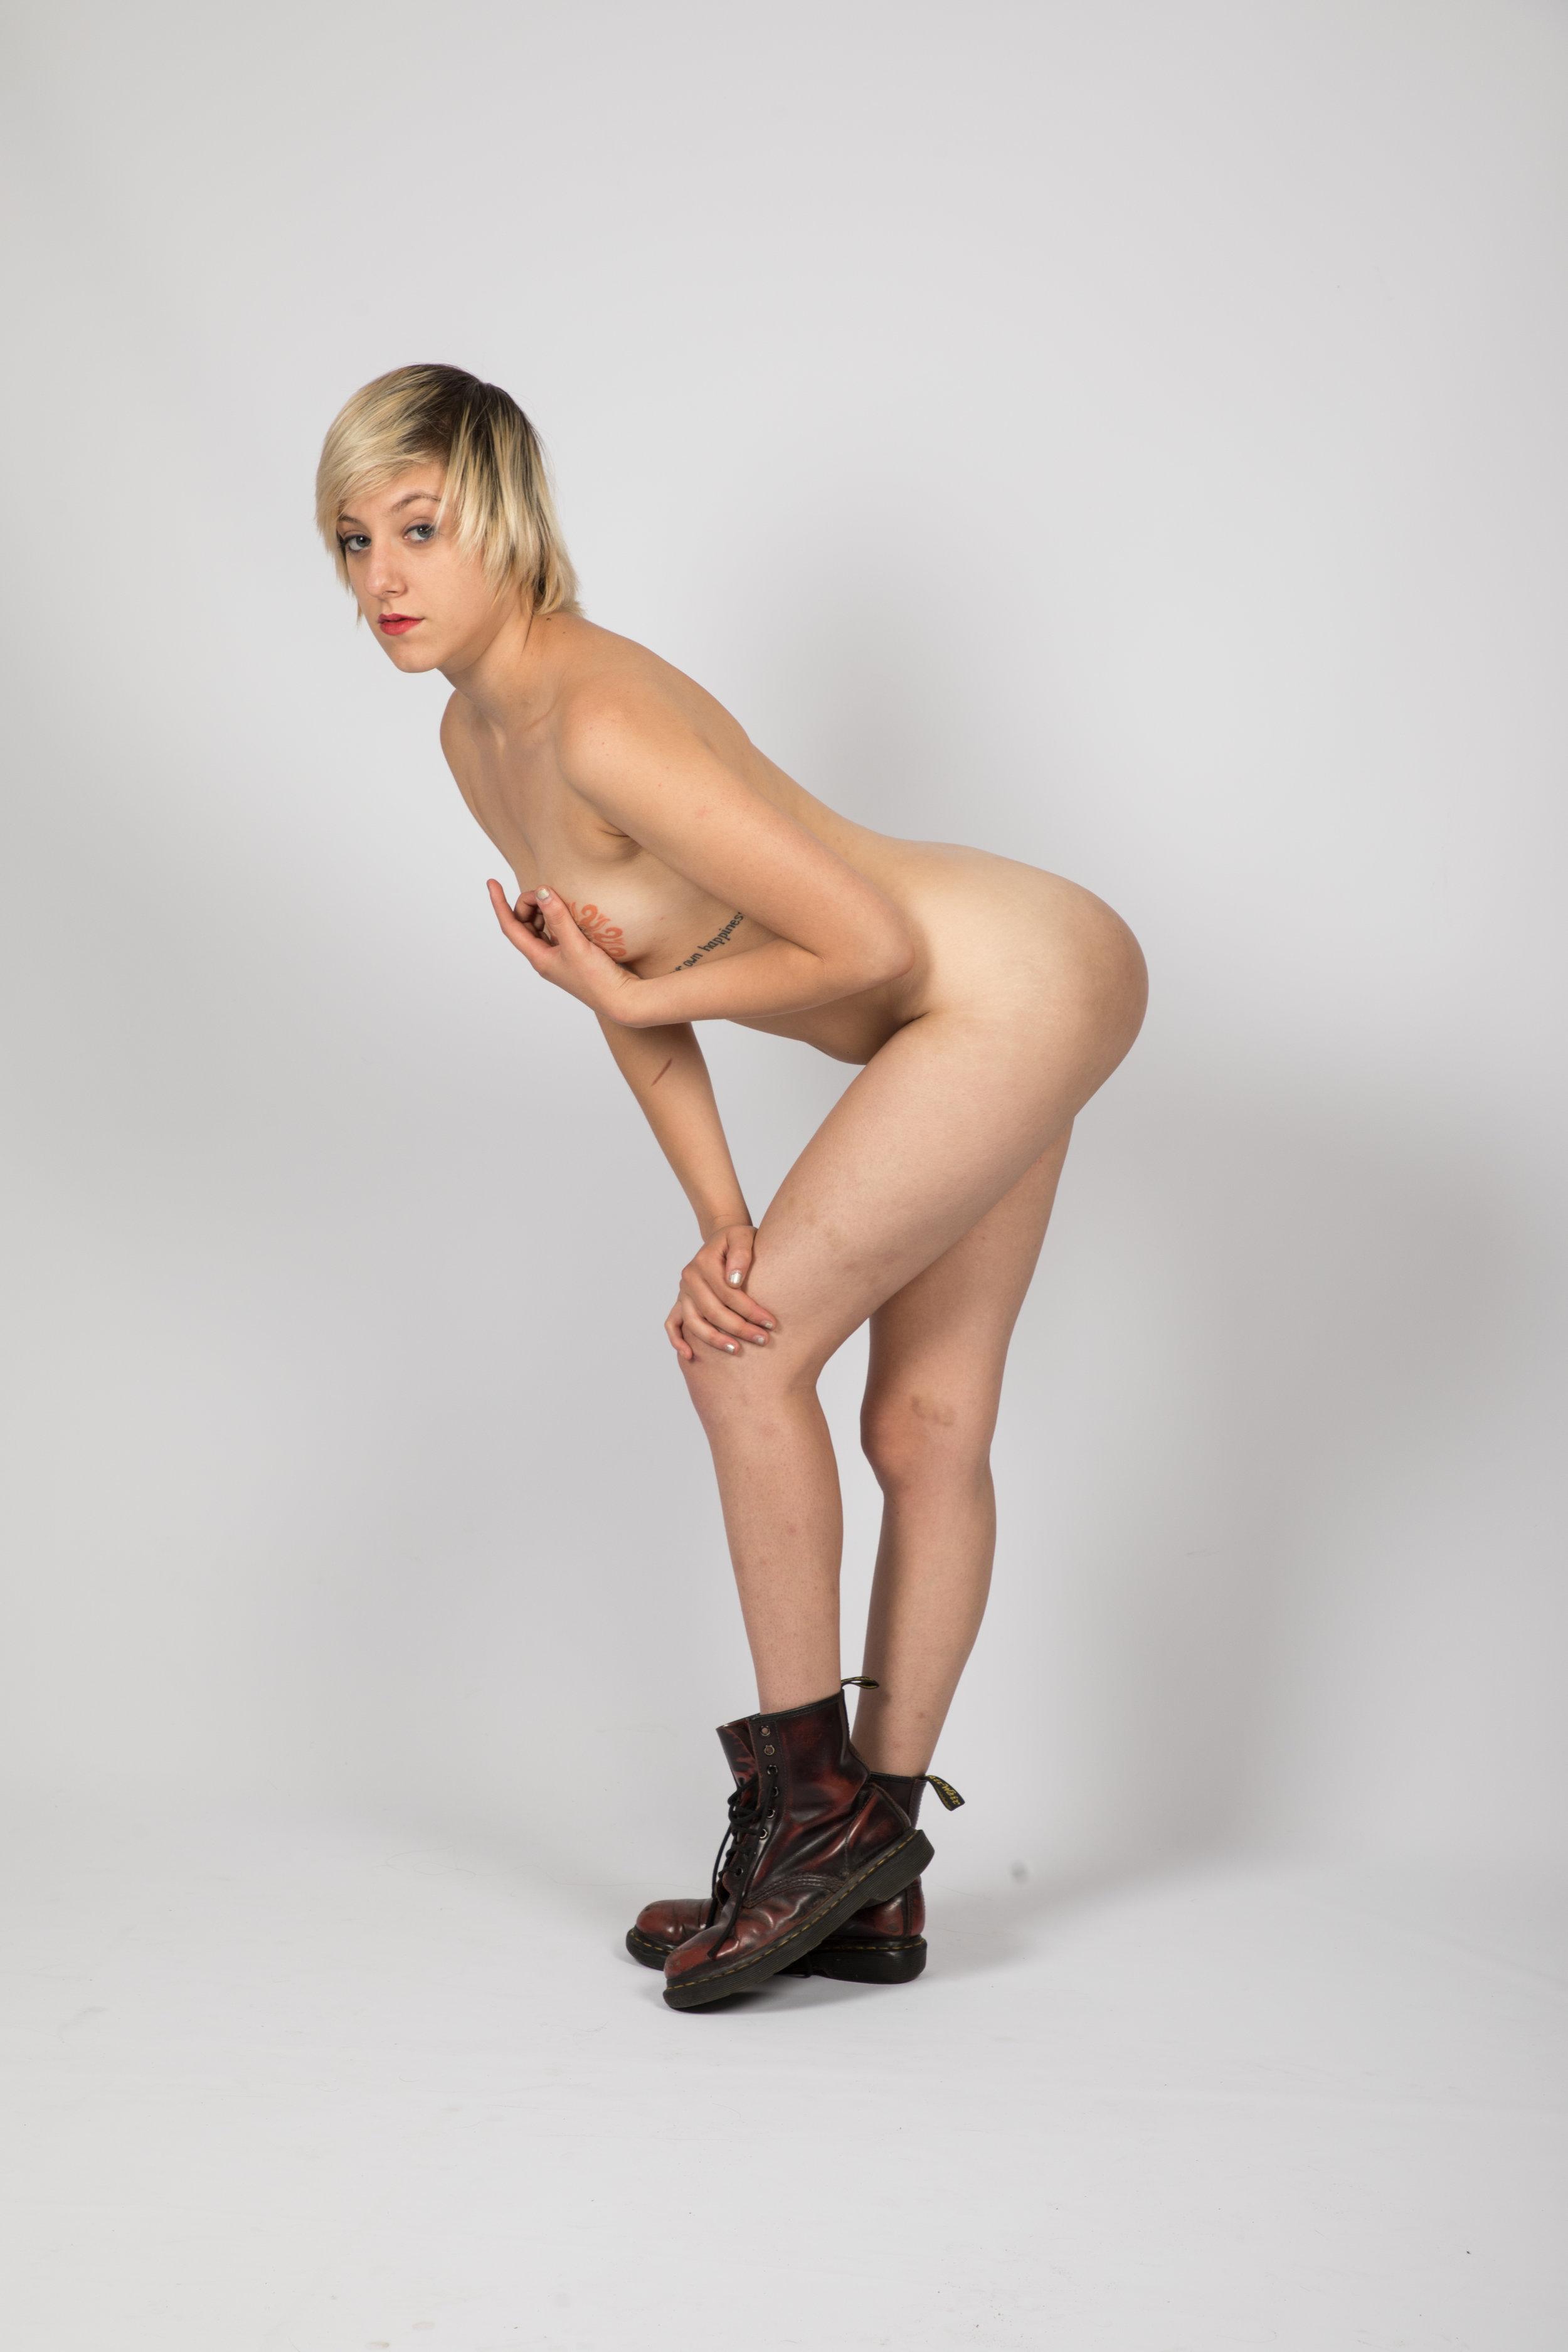 Katie-0223.jpg